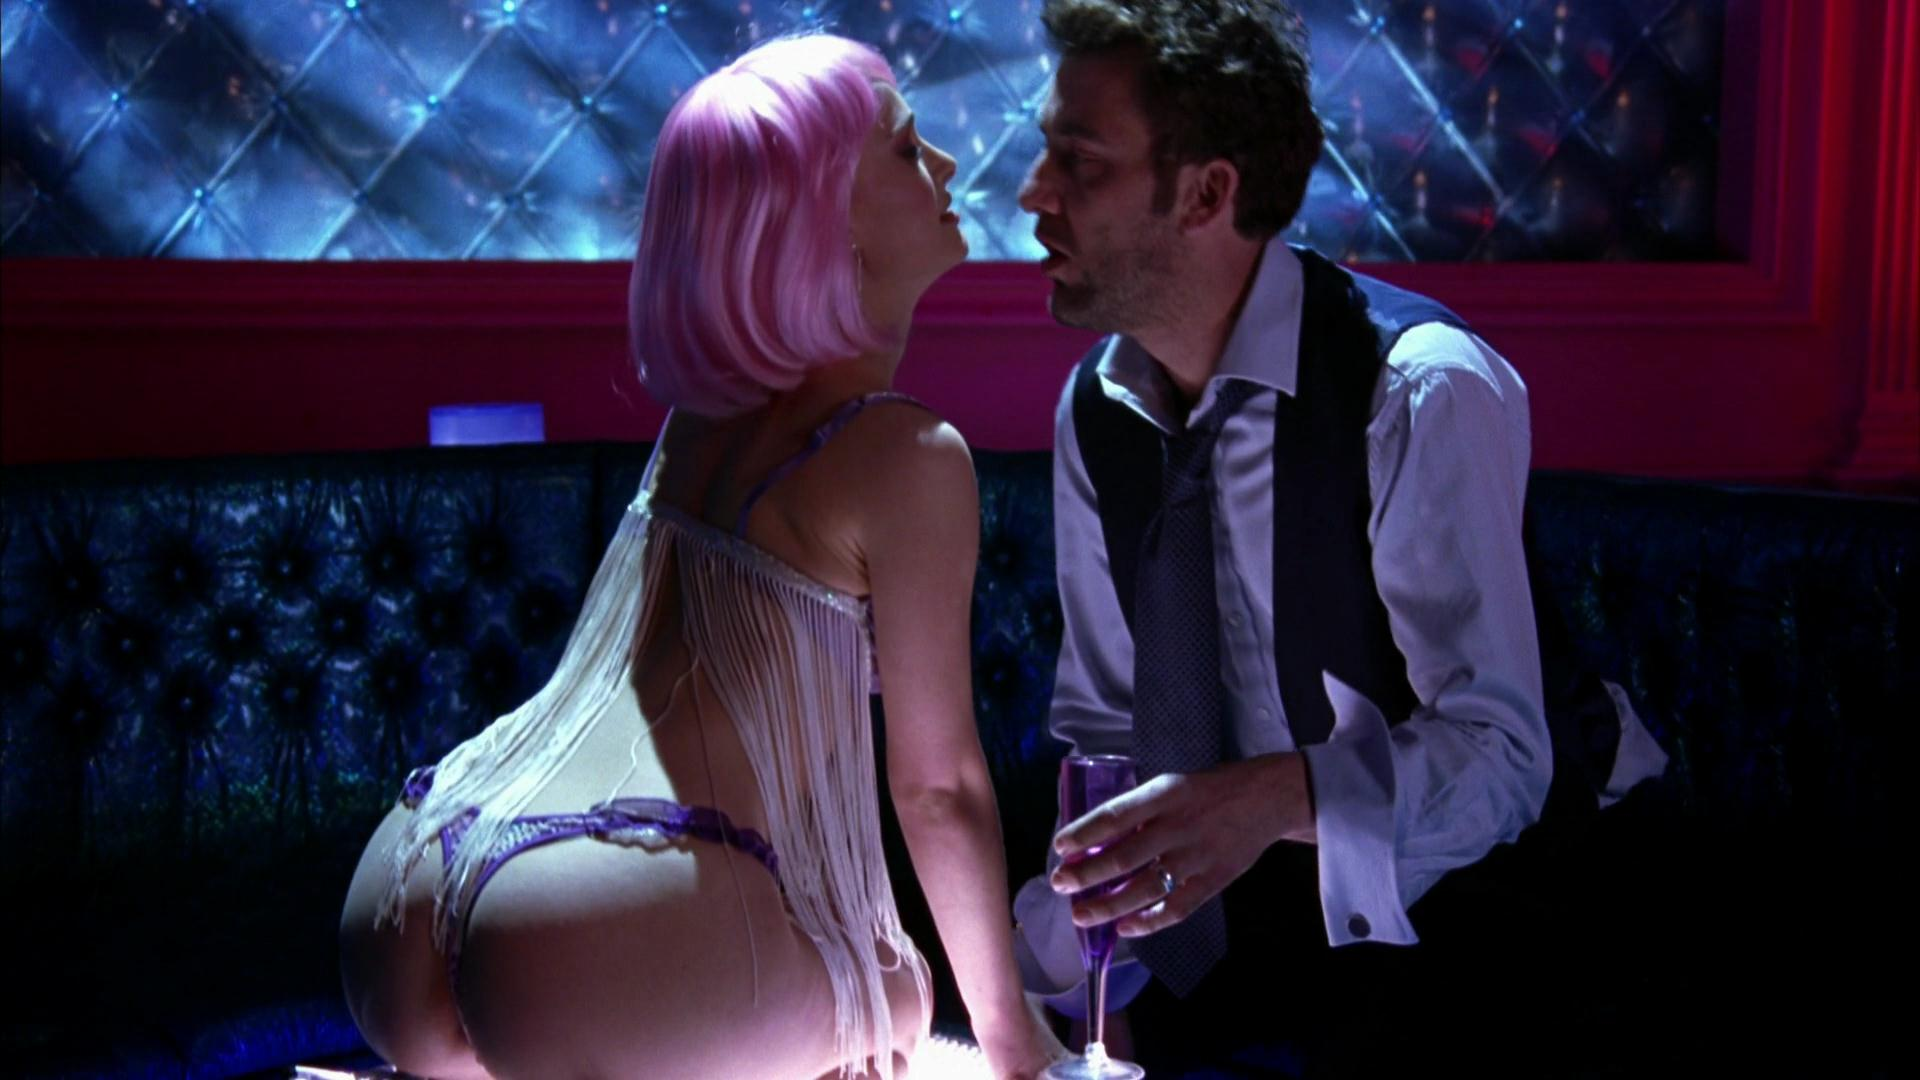 As melhores cenas de striptease do cinema